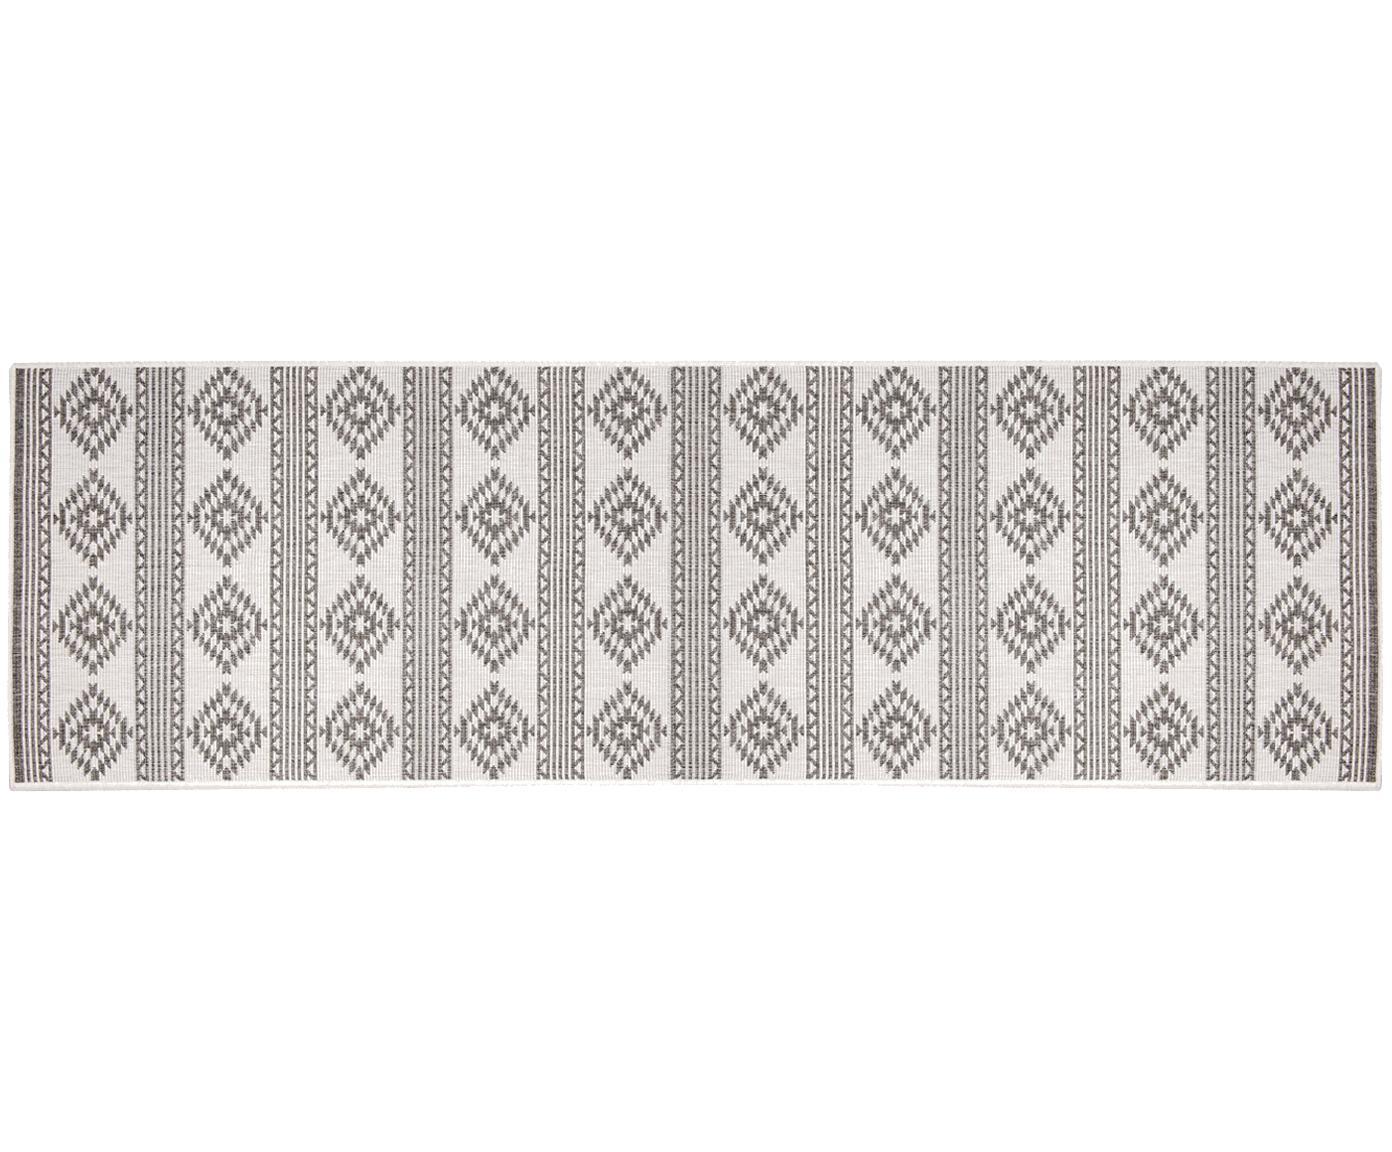 Dubbelzijdige in- en outdoor loper Maple, Polypropyleen, Grijs, crèmekleurig, 80 x 250 cm